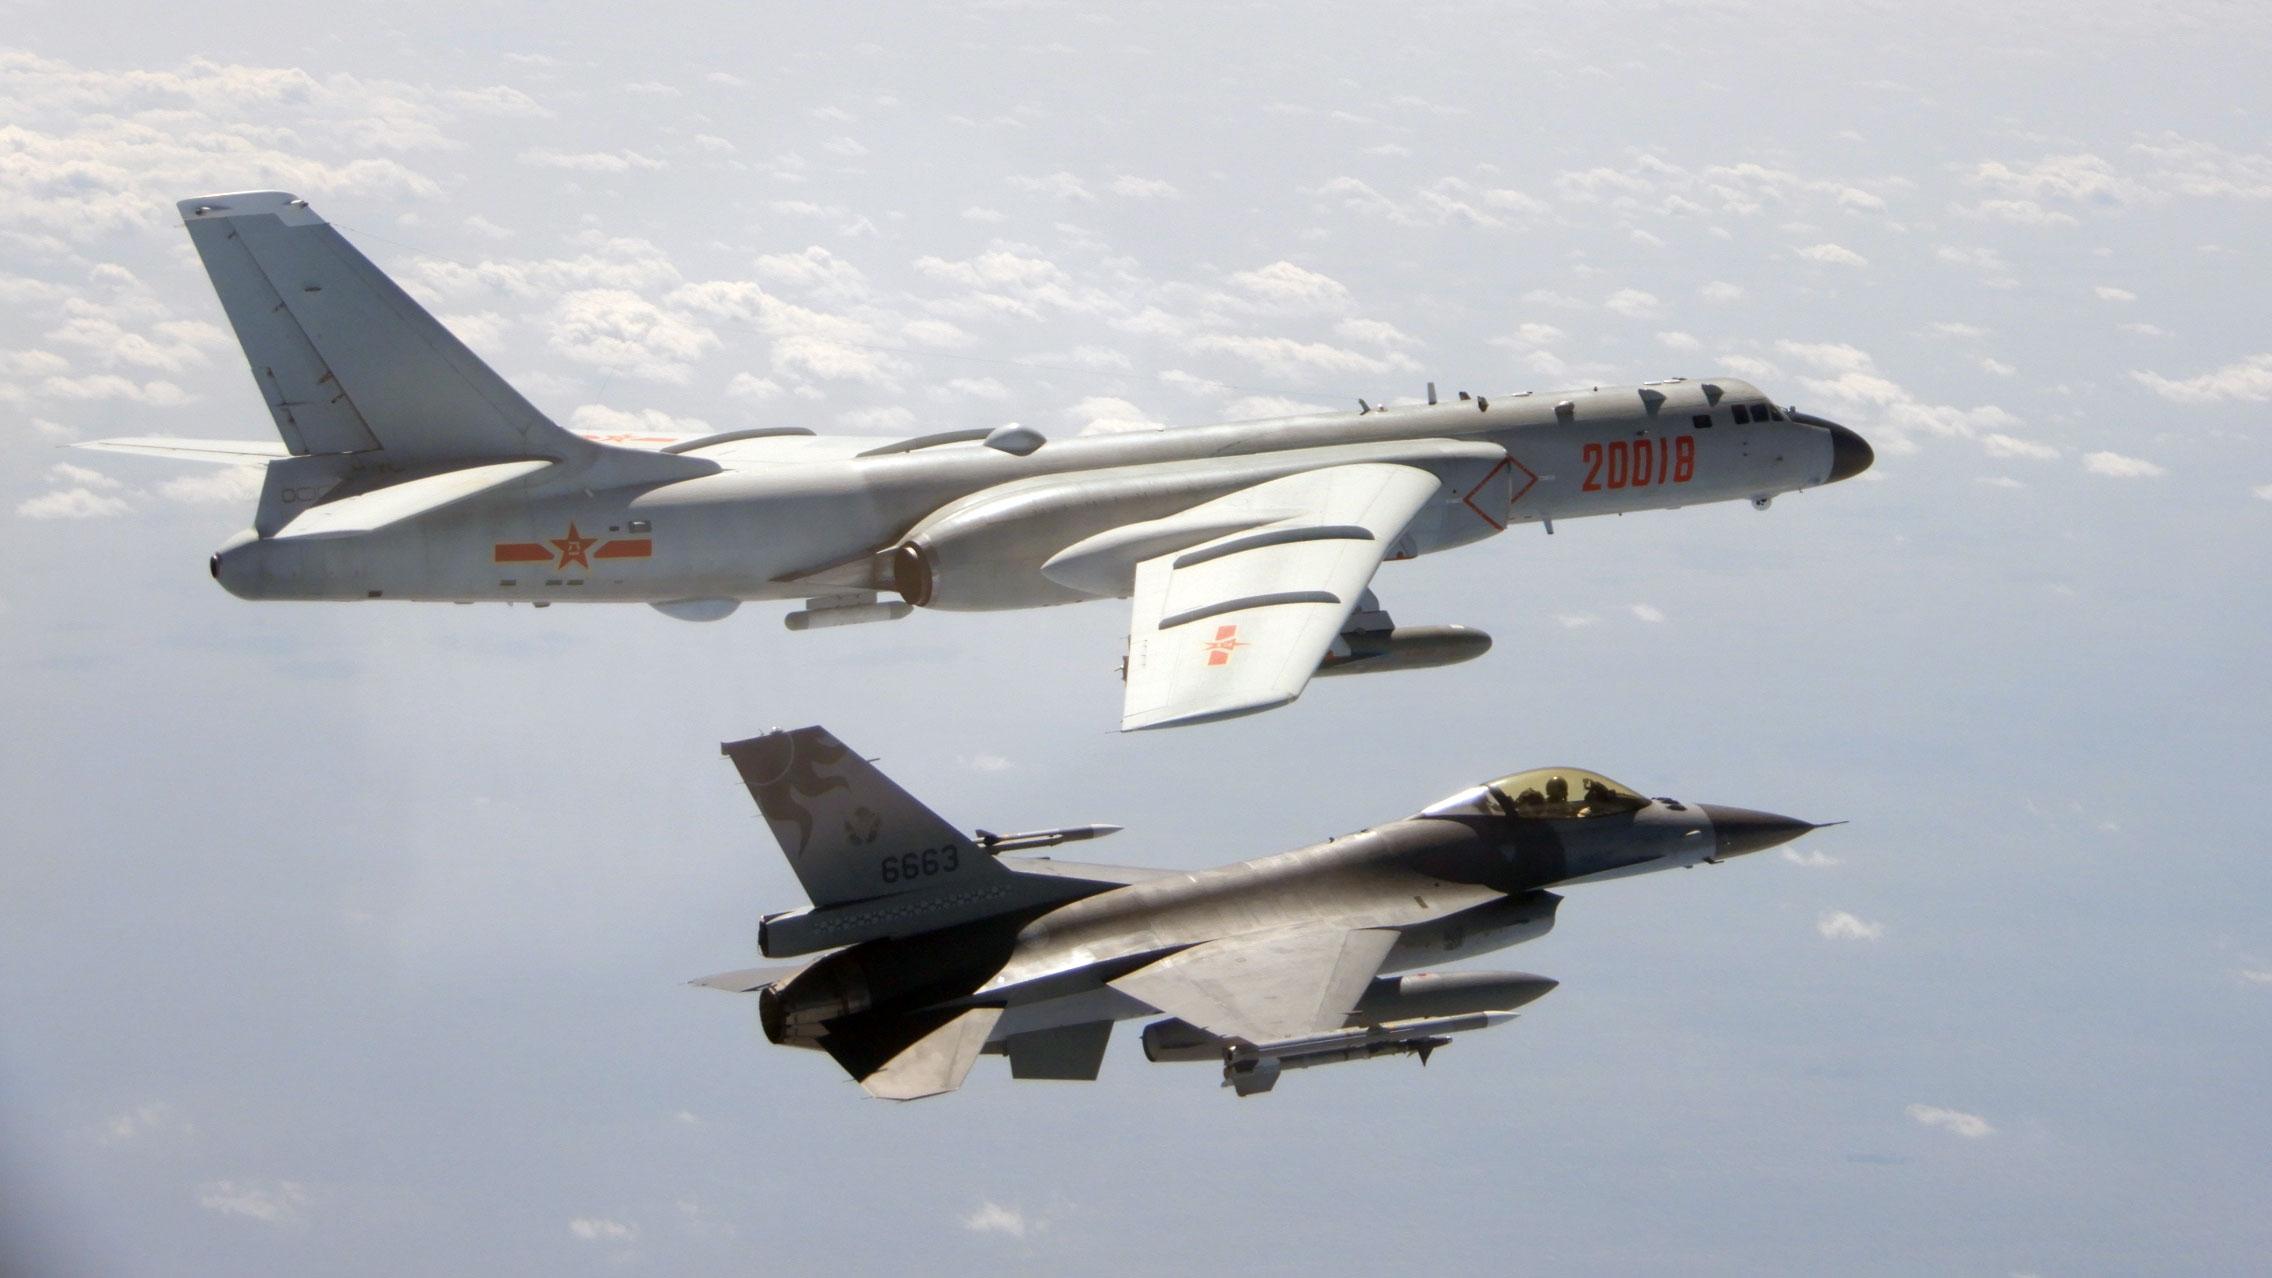 解放军轰6(左)等型军机10日再次执行远海长航训练,期间曾短暂逾越海峡中线,国军F-16(右)战机挂载实弹监控共军轰6。(国防部提供)